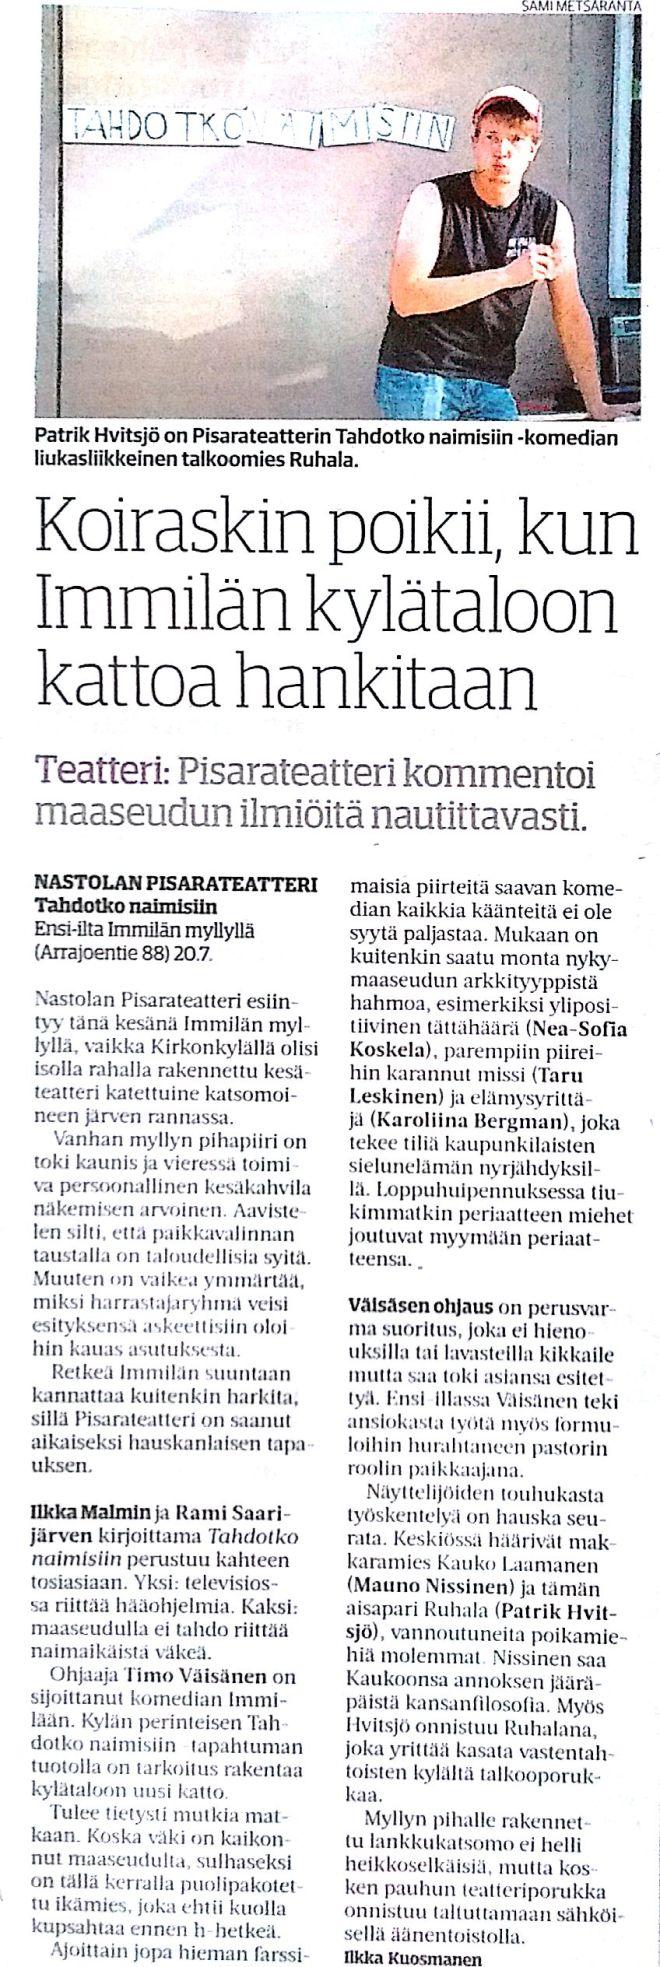 Teatteriarvostelu, Ilkka Kuosmanen (ESS 25.7.2016)